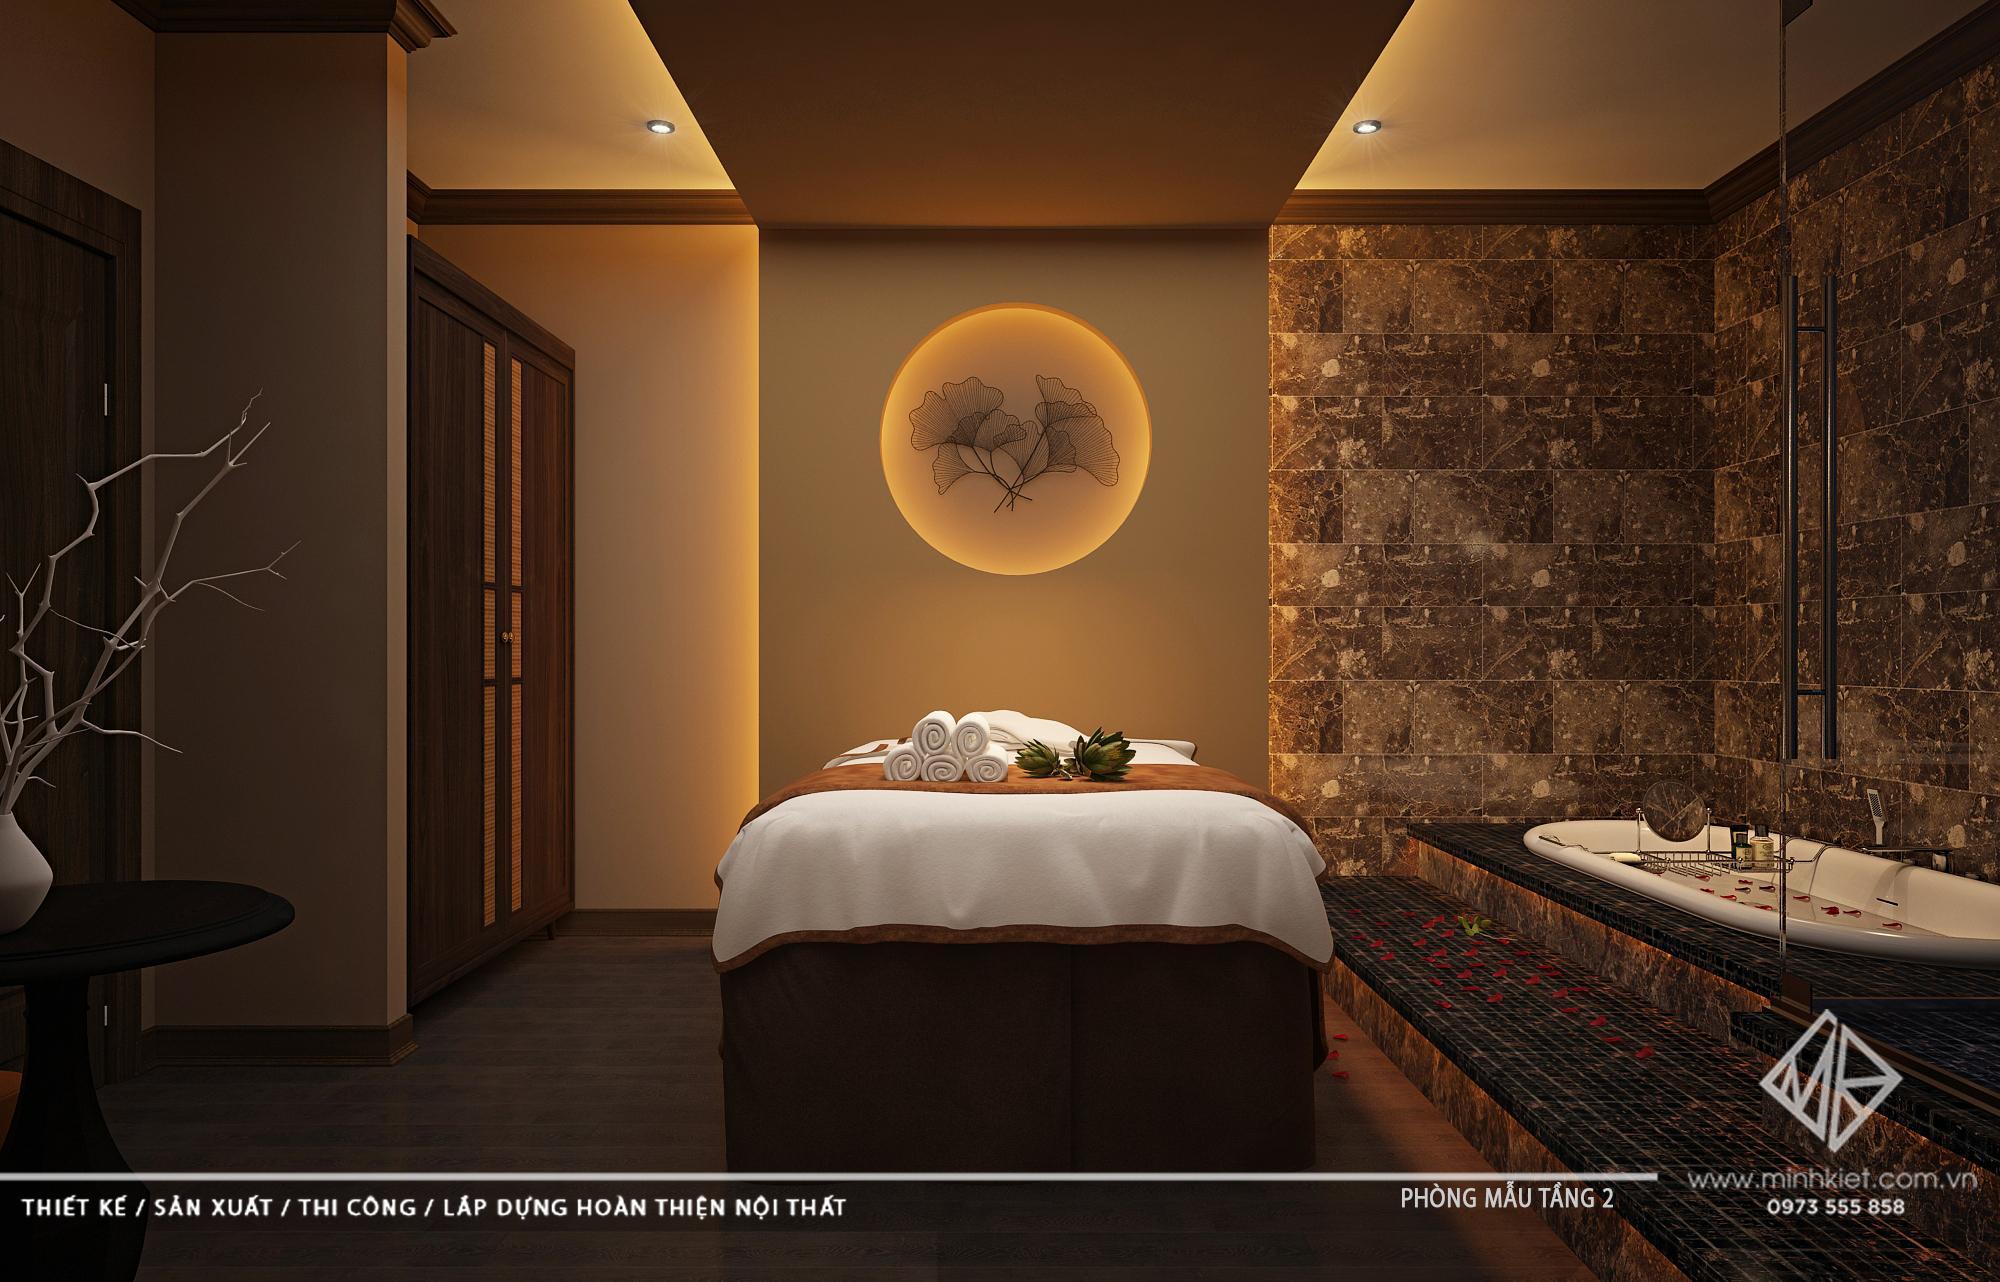 Thiết Kế Phòng Massage - Mẫu Thiết Kế Phòng Massage Spa Mini Vip